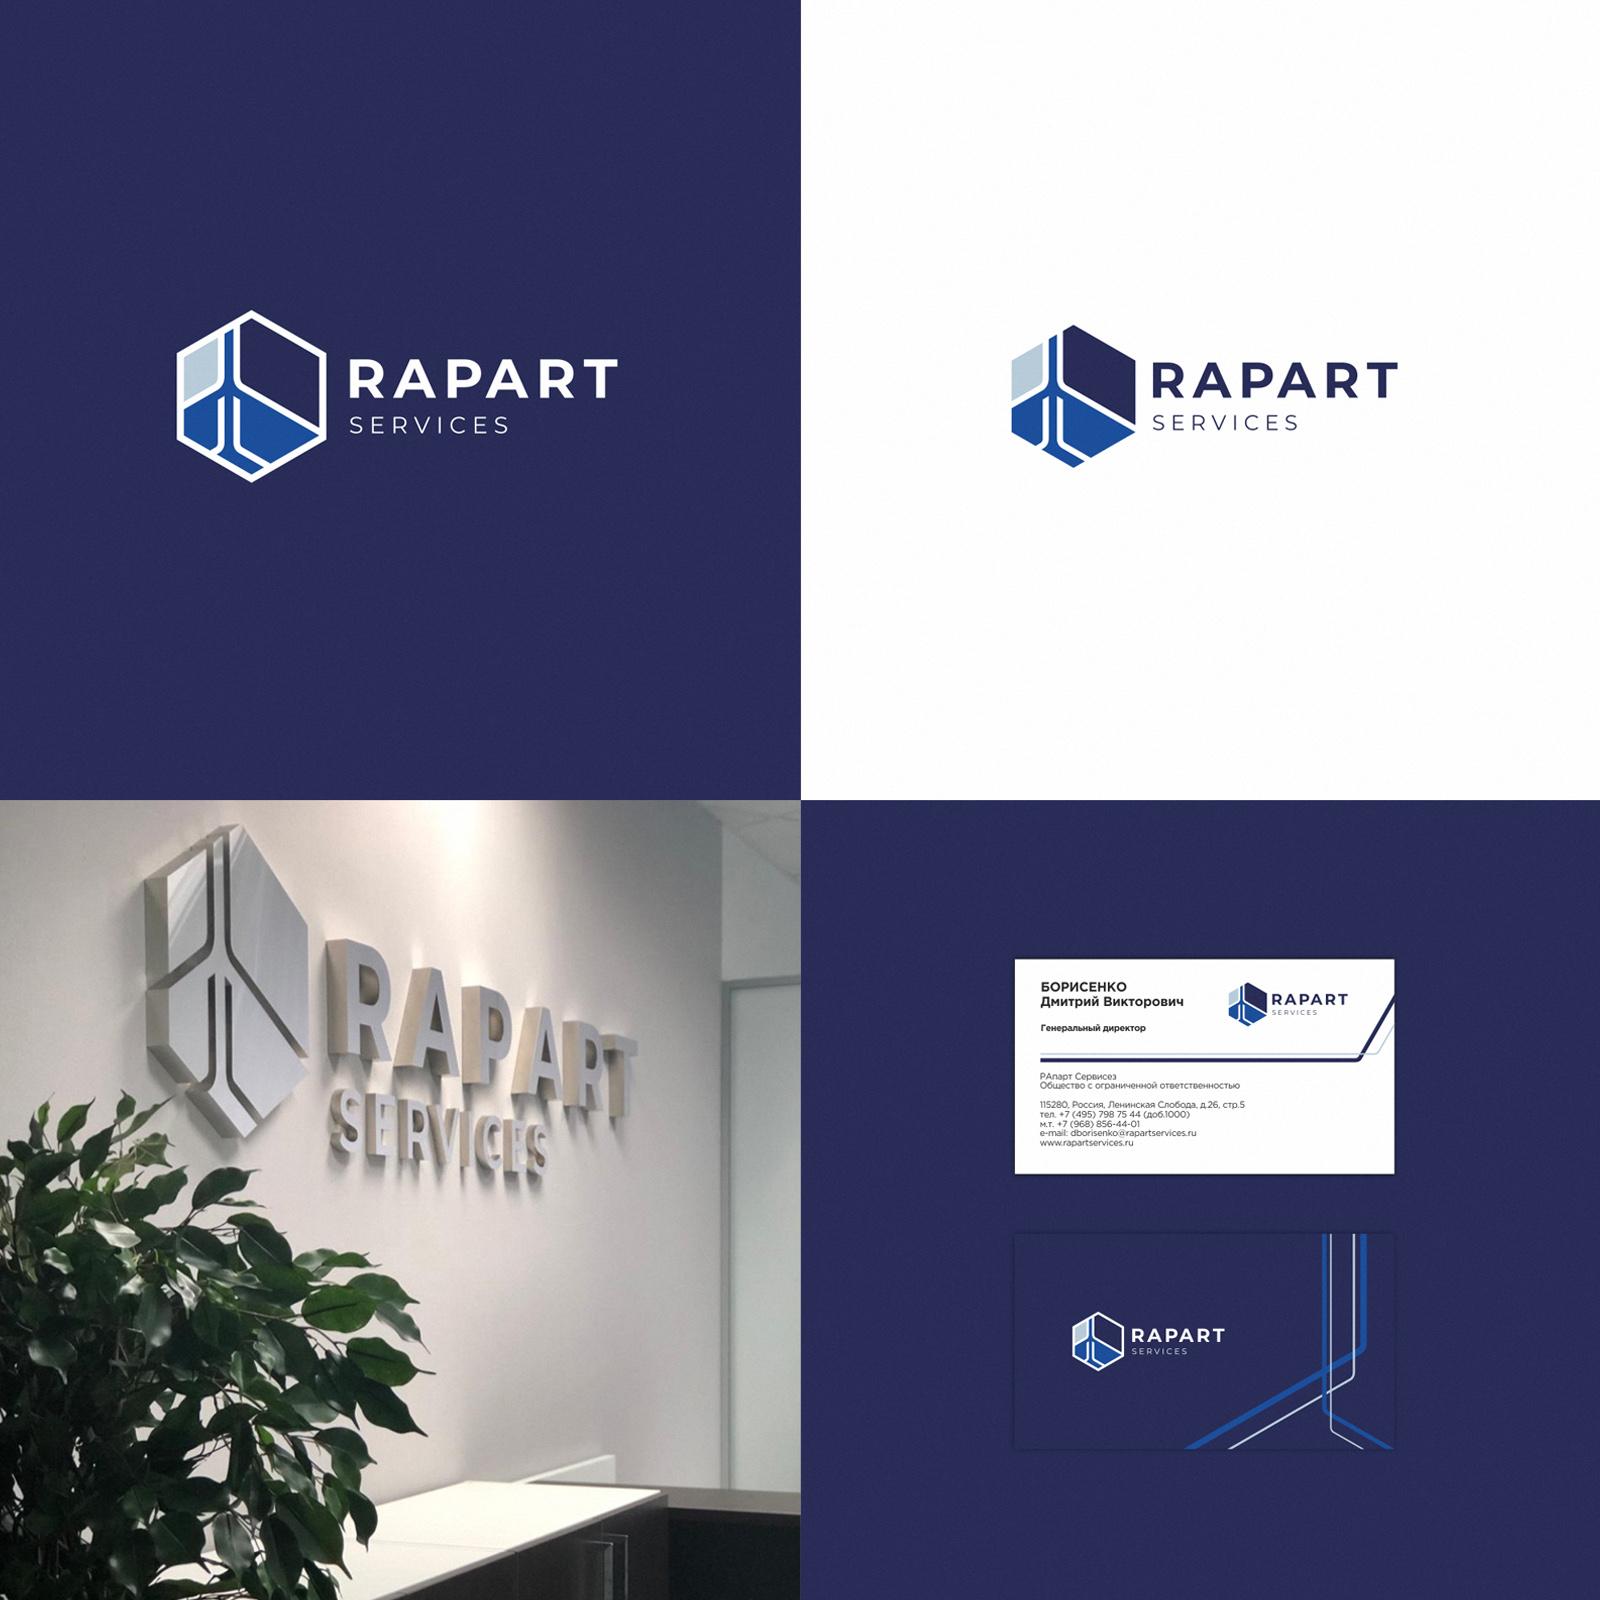 RAPART services